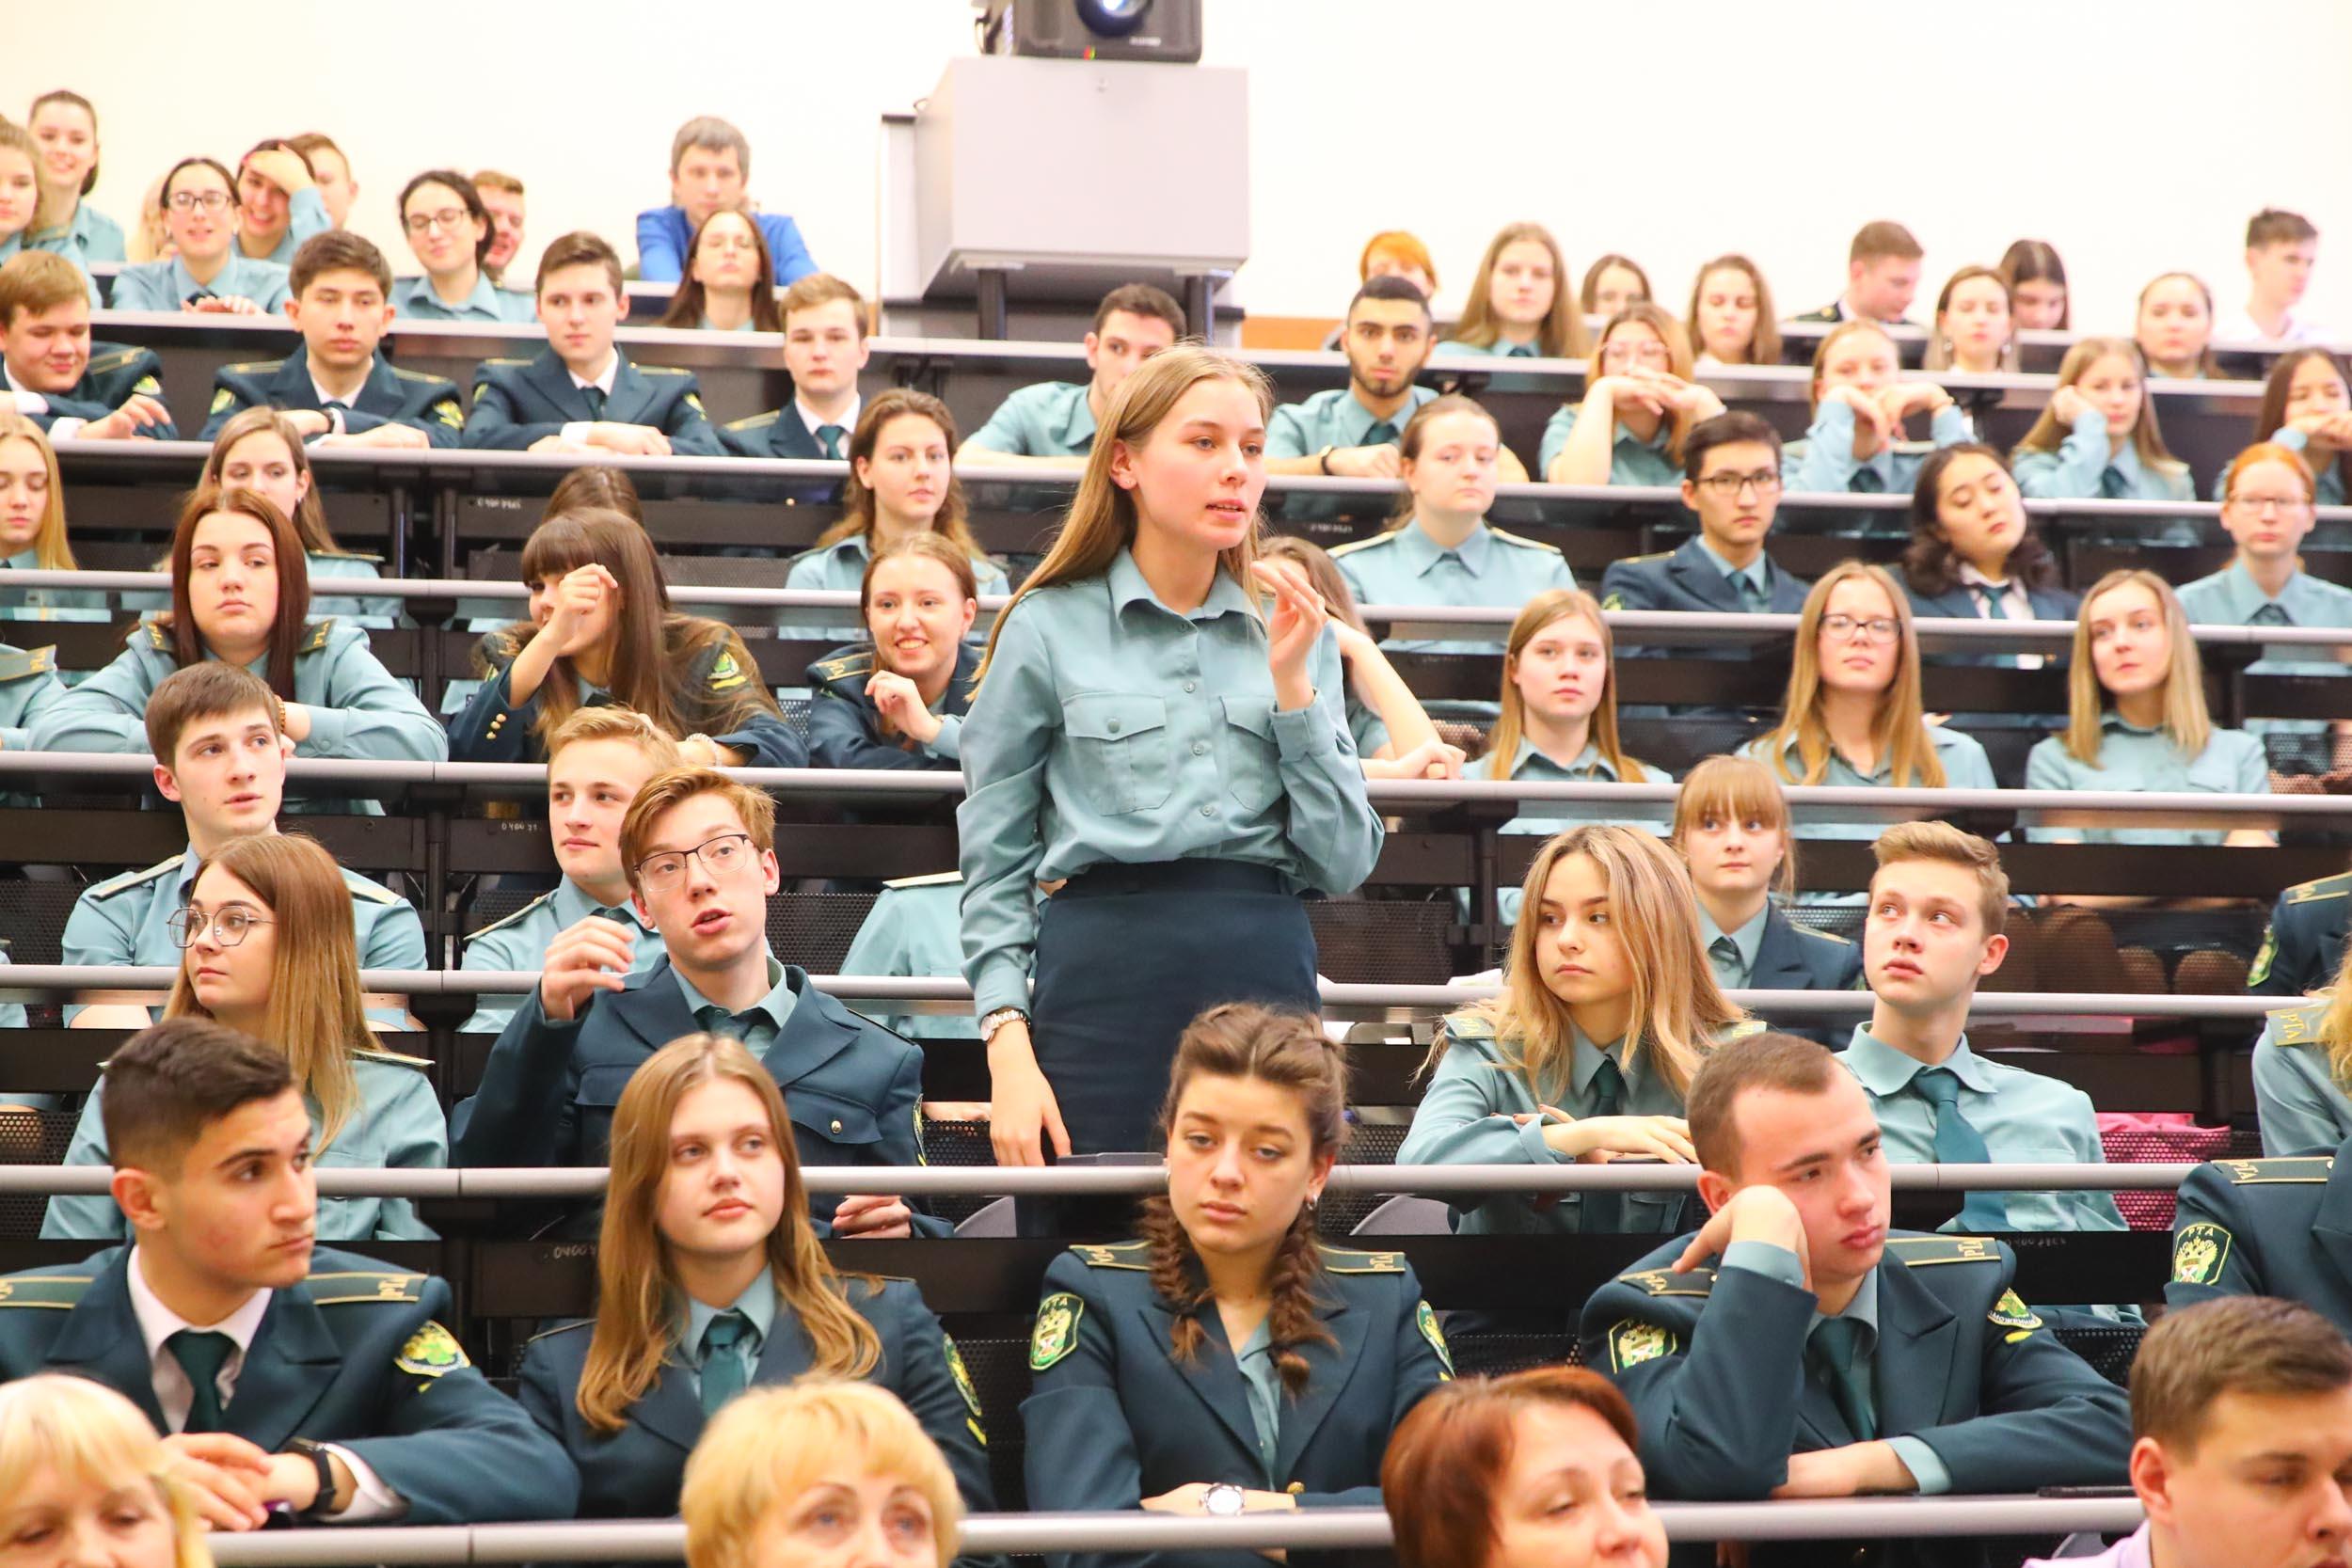 Очно заочная форма обучения студентов - это как: плюсы и минусы, какие бывают еще способы учебы, чем отличаются | tvercult.ru